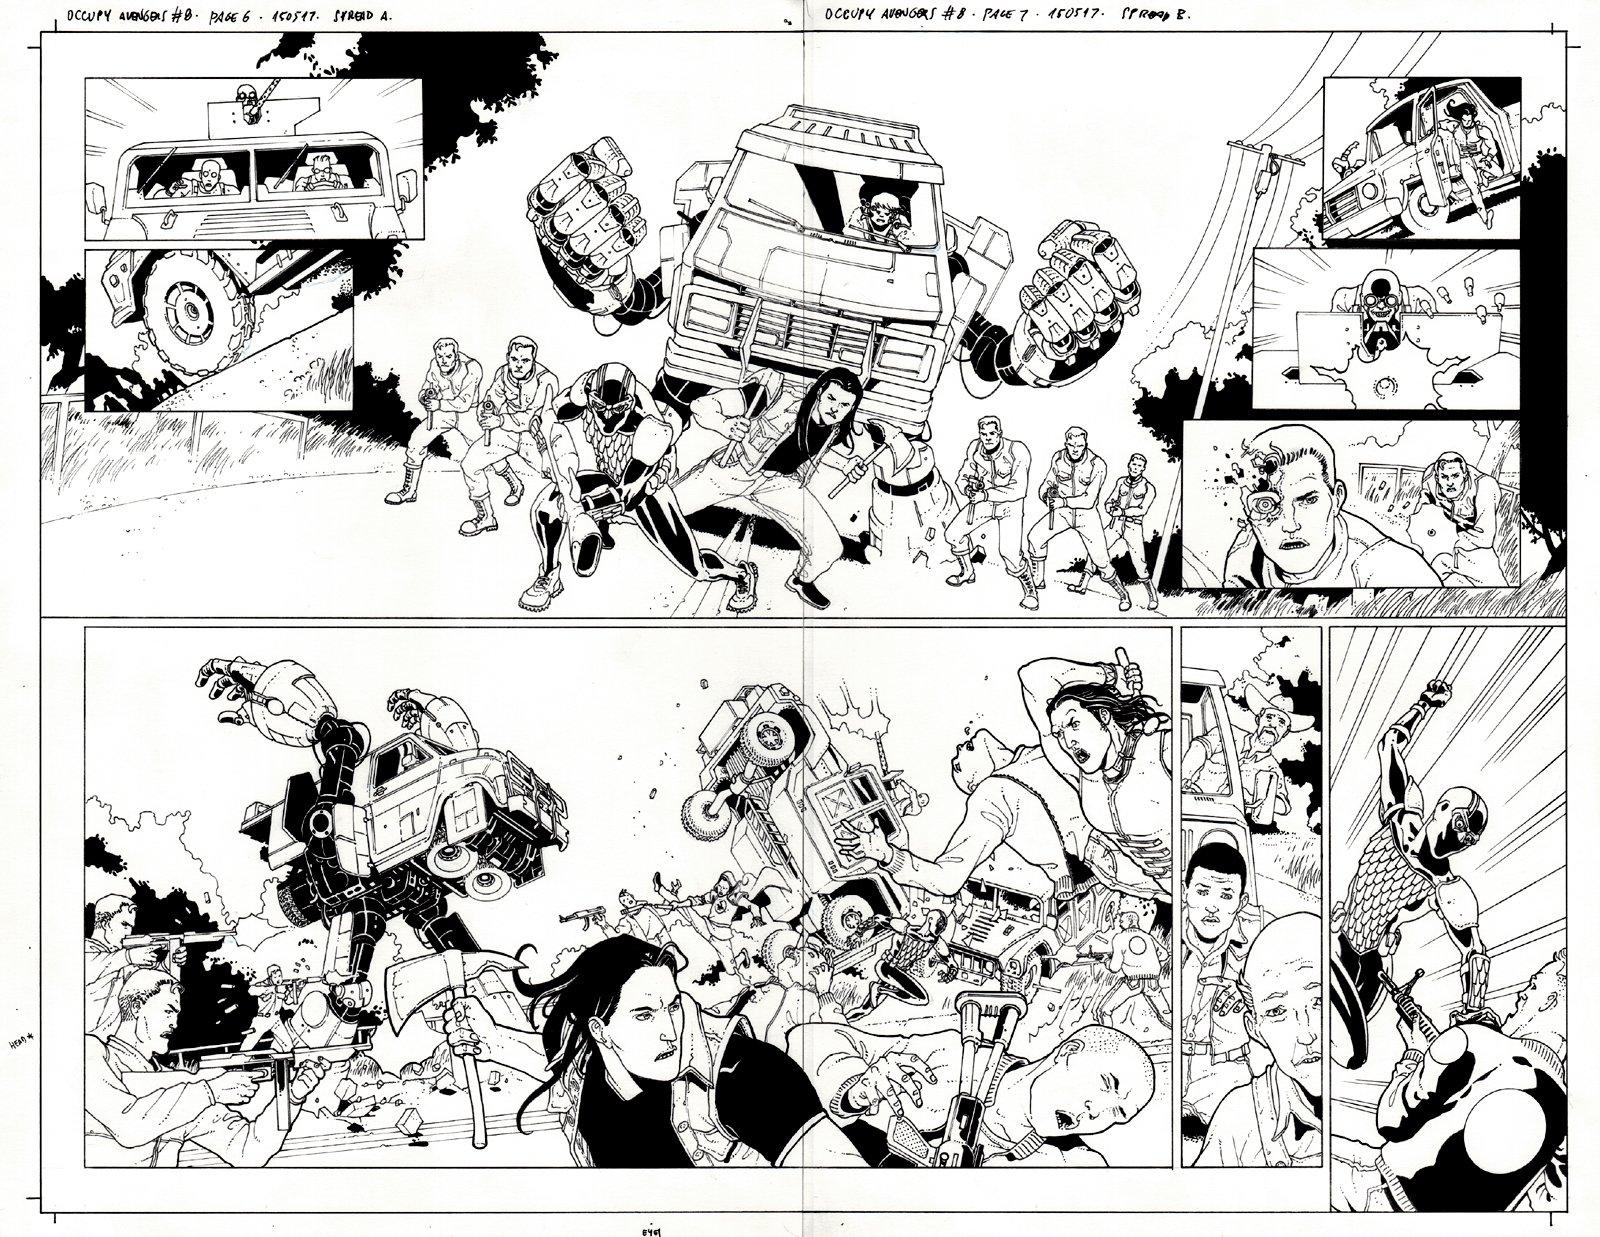 Occupy Avengers #8 p 6-7 Double Spread Splash